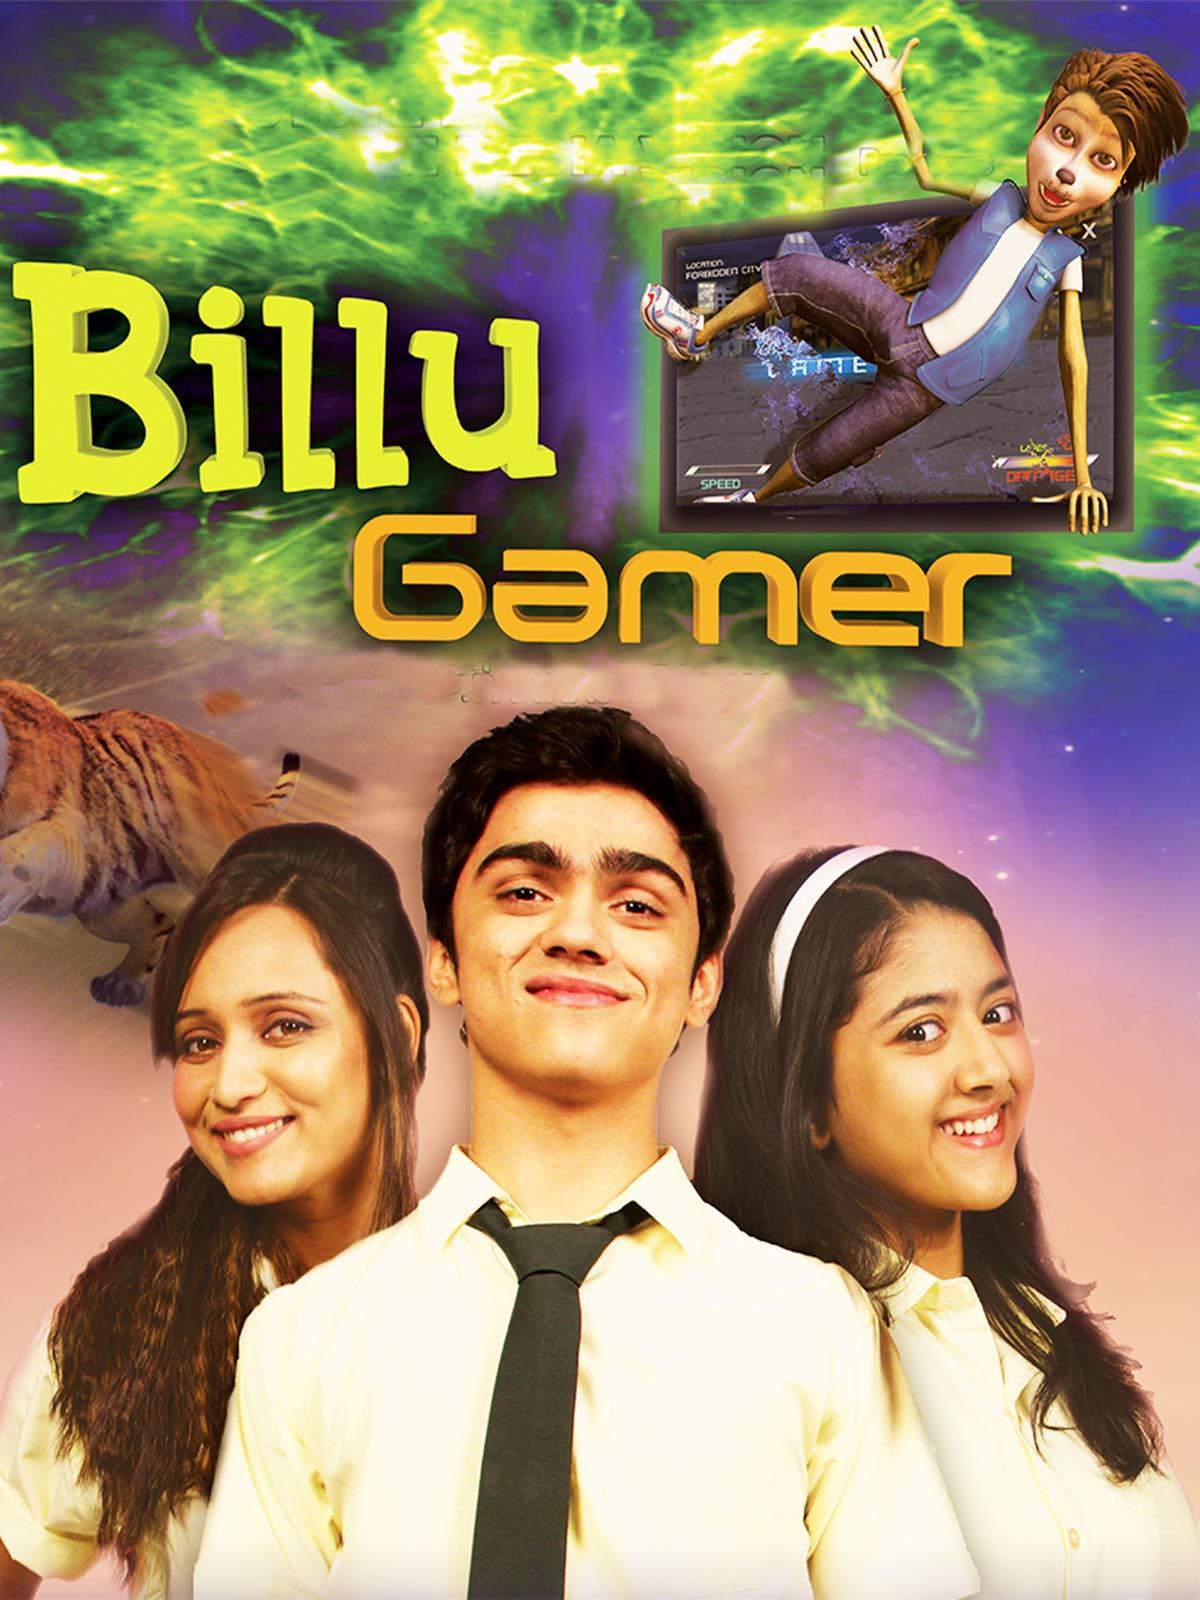 Billu Gamer